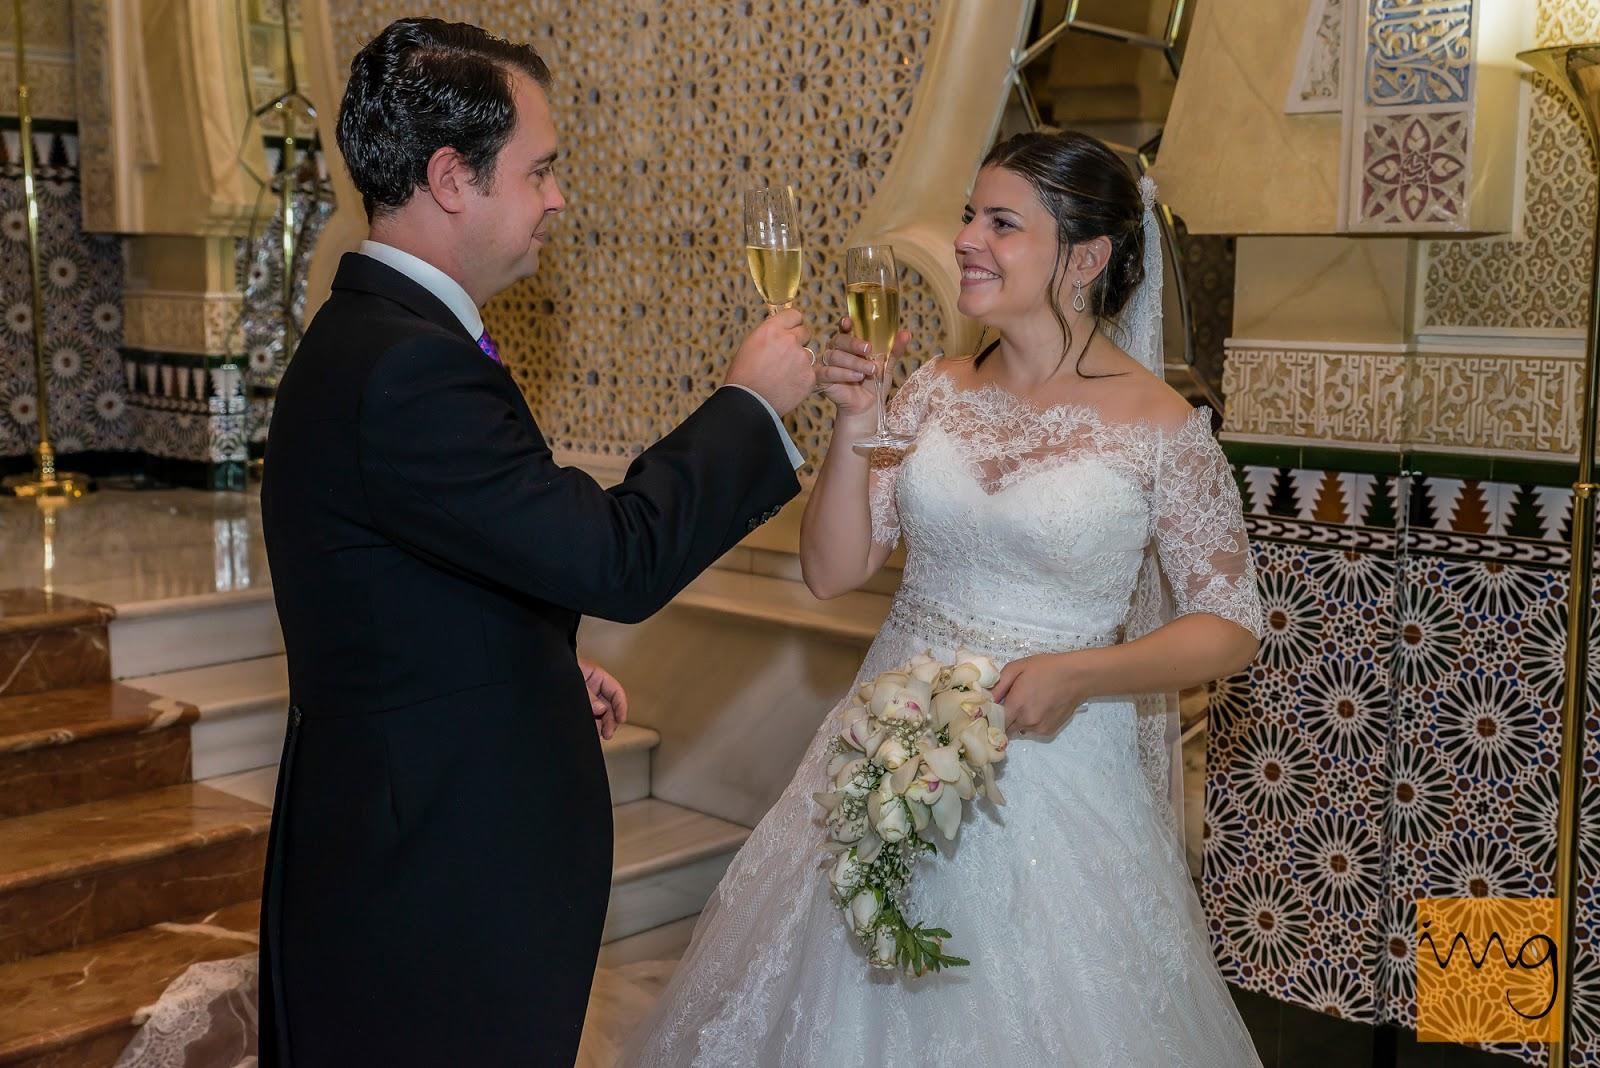 Fotografía de boda en Granada, brindis en el hotel Alhambra Palace